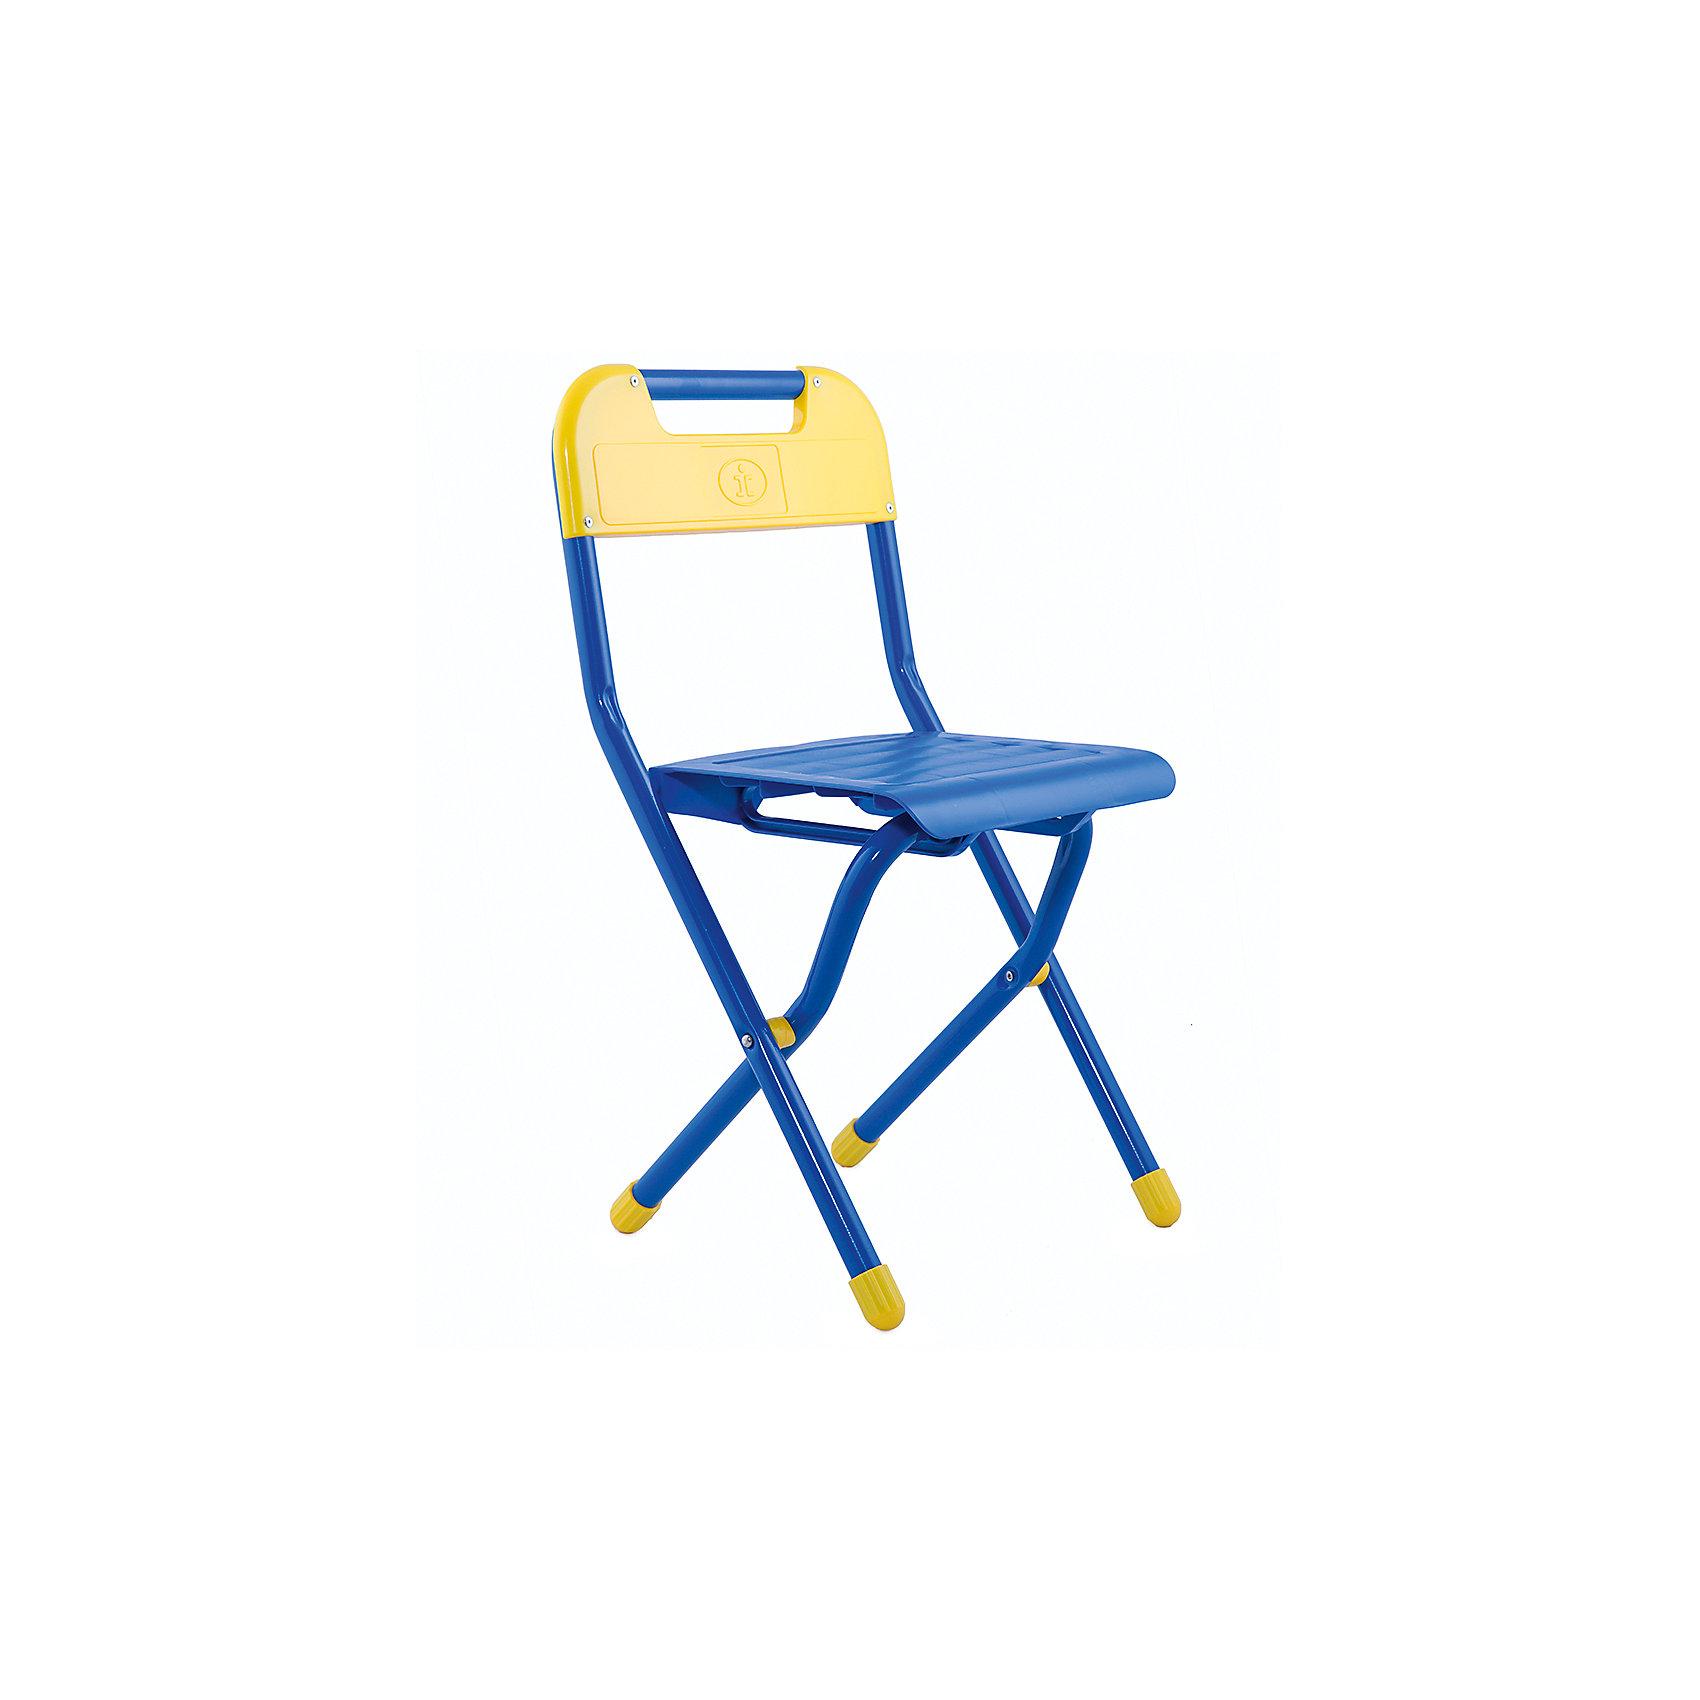 Синий стул (2-5 лет), ДэмиСкладной стул - незаменимый атрибут любой детской комнаты. Стул очень удобный и прочный, яркая расцветка обязательно понравится детям и отлично впишется в интерьер. Стул быстро раскладывается и складывается, в сложенном виде занимает мало места. Прочное алюминиевое основание и пластиковое сиденье и спинку удобно мыть. Прекрасно подходит для организации детских игр и отдыха. <br><br>Дополнительная информация:<br>- Высота от пола до сиденья: 30 см. <br>- Материал: пластик, алюминий. <br>- Цвет: синий.<br>- Складывается. <br>- Максимальный вес: 30 кг.<br><br>Синий стул (2-5 лет) можно купить в нашем магазине.<br><br>Ширина мм: 640<br>Глубина мм: 340<br>Высота мм: 110<br>Вес г: 1500<br>Возраст от месяцев: 24<br>Возраст до месяцев: 60<br>Пол: Мужской<br>Возраст: Детский<br>SKU: 4306477